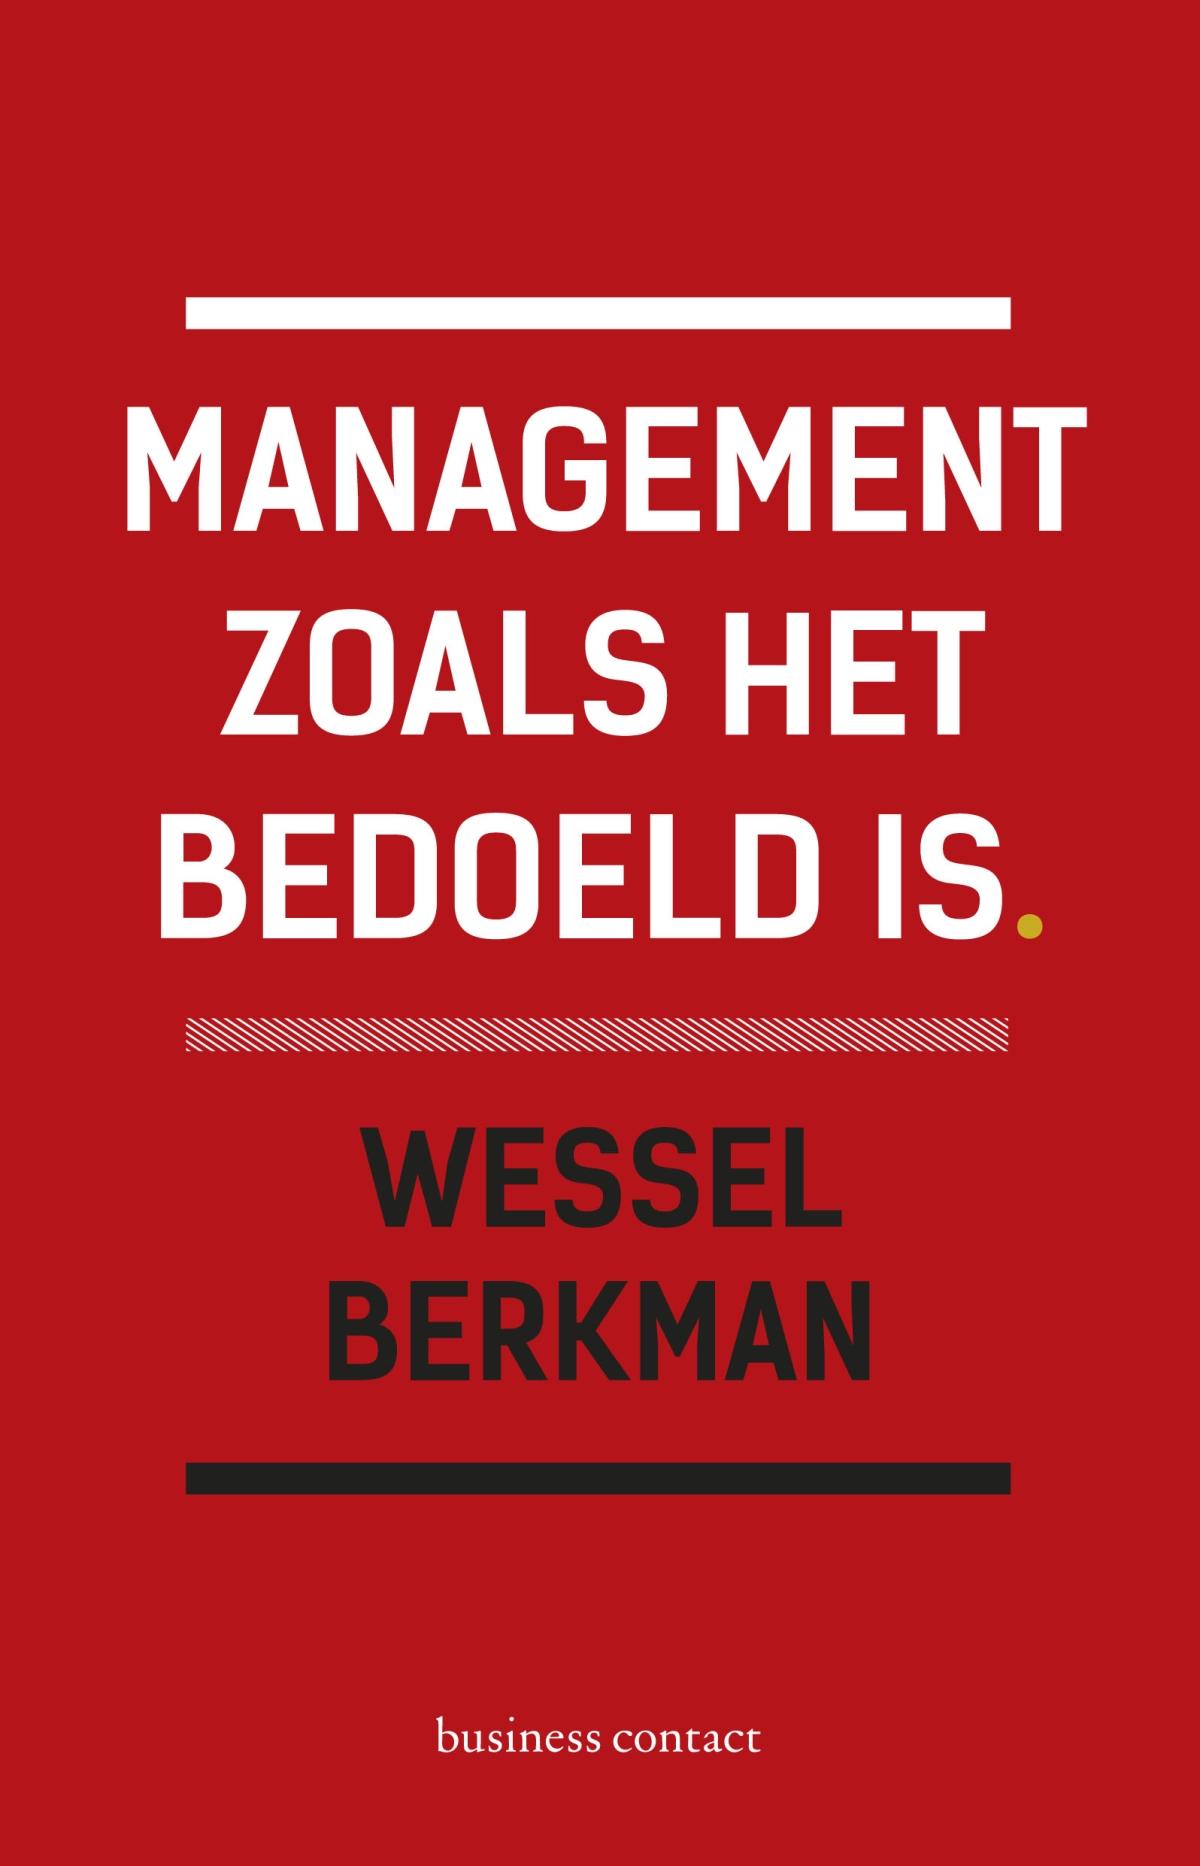 Management zoals het bedoeld is - Wessel Berkman